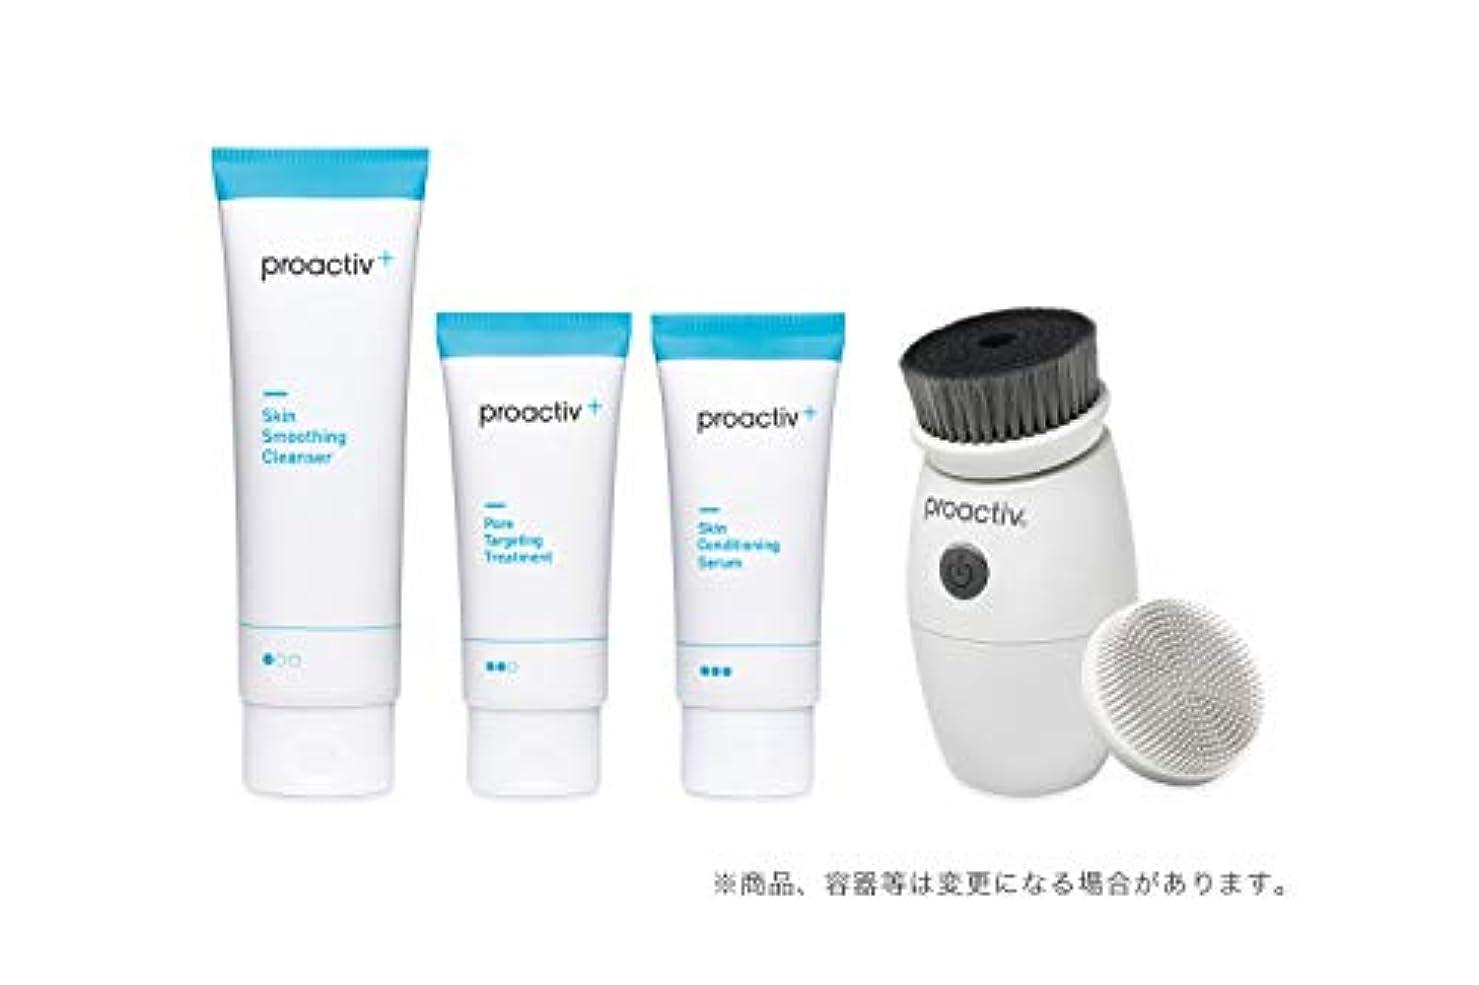 灌漑男やもめ説得プロアクティブ+ Proactiv+ 薬用3ステップセット (60日セット) ポアクレンジング電動洗顔ブラシ(シリコンブラシ付) プレゼント 公式ガイド付